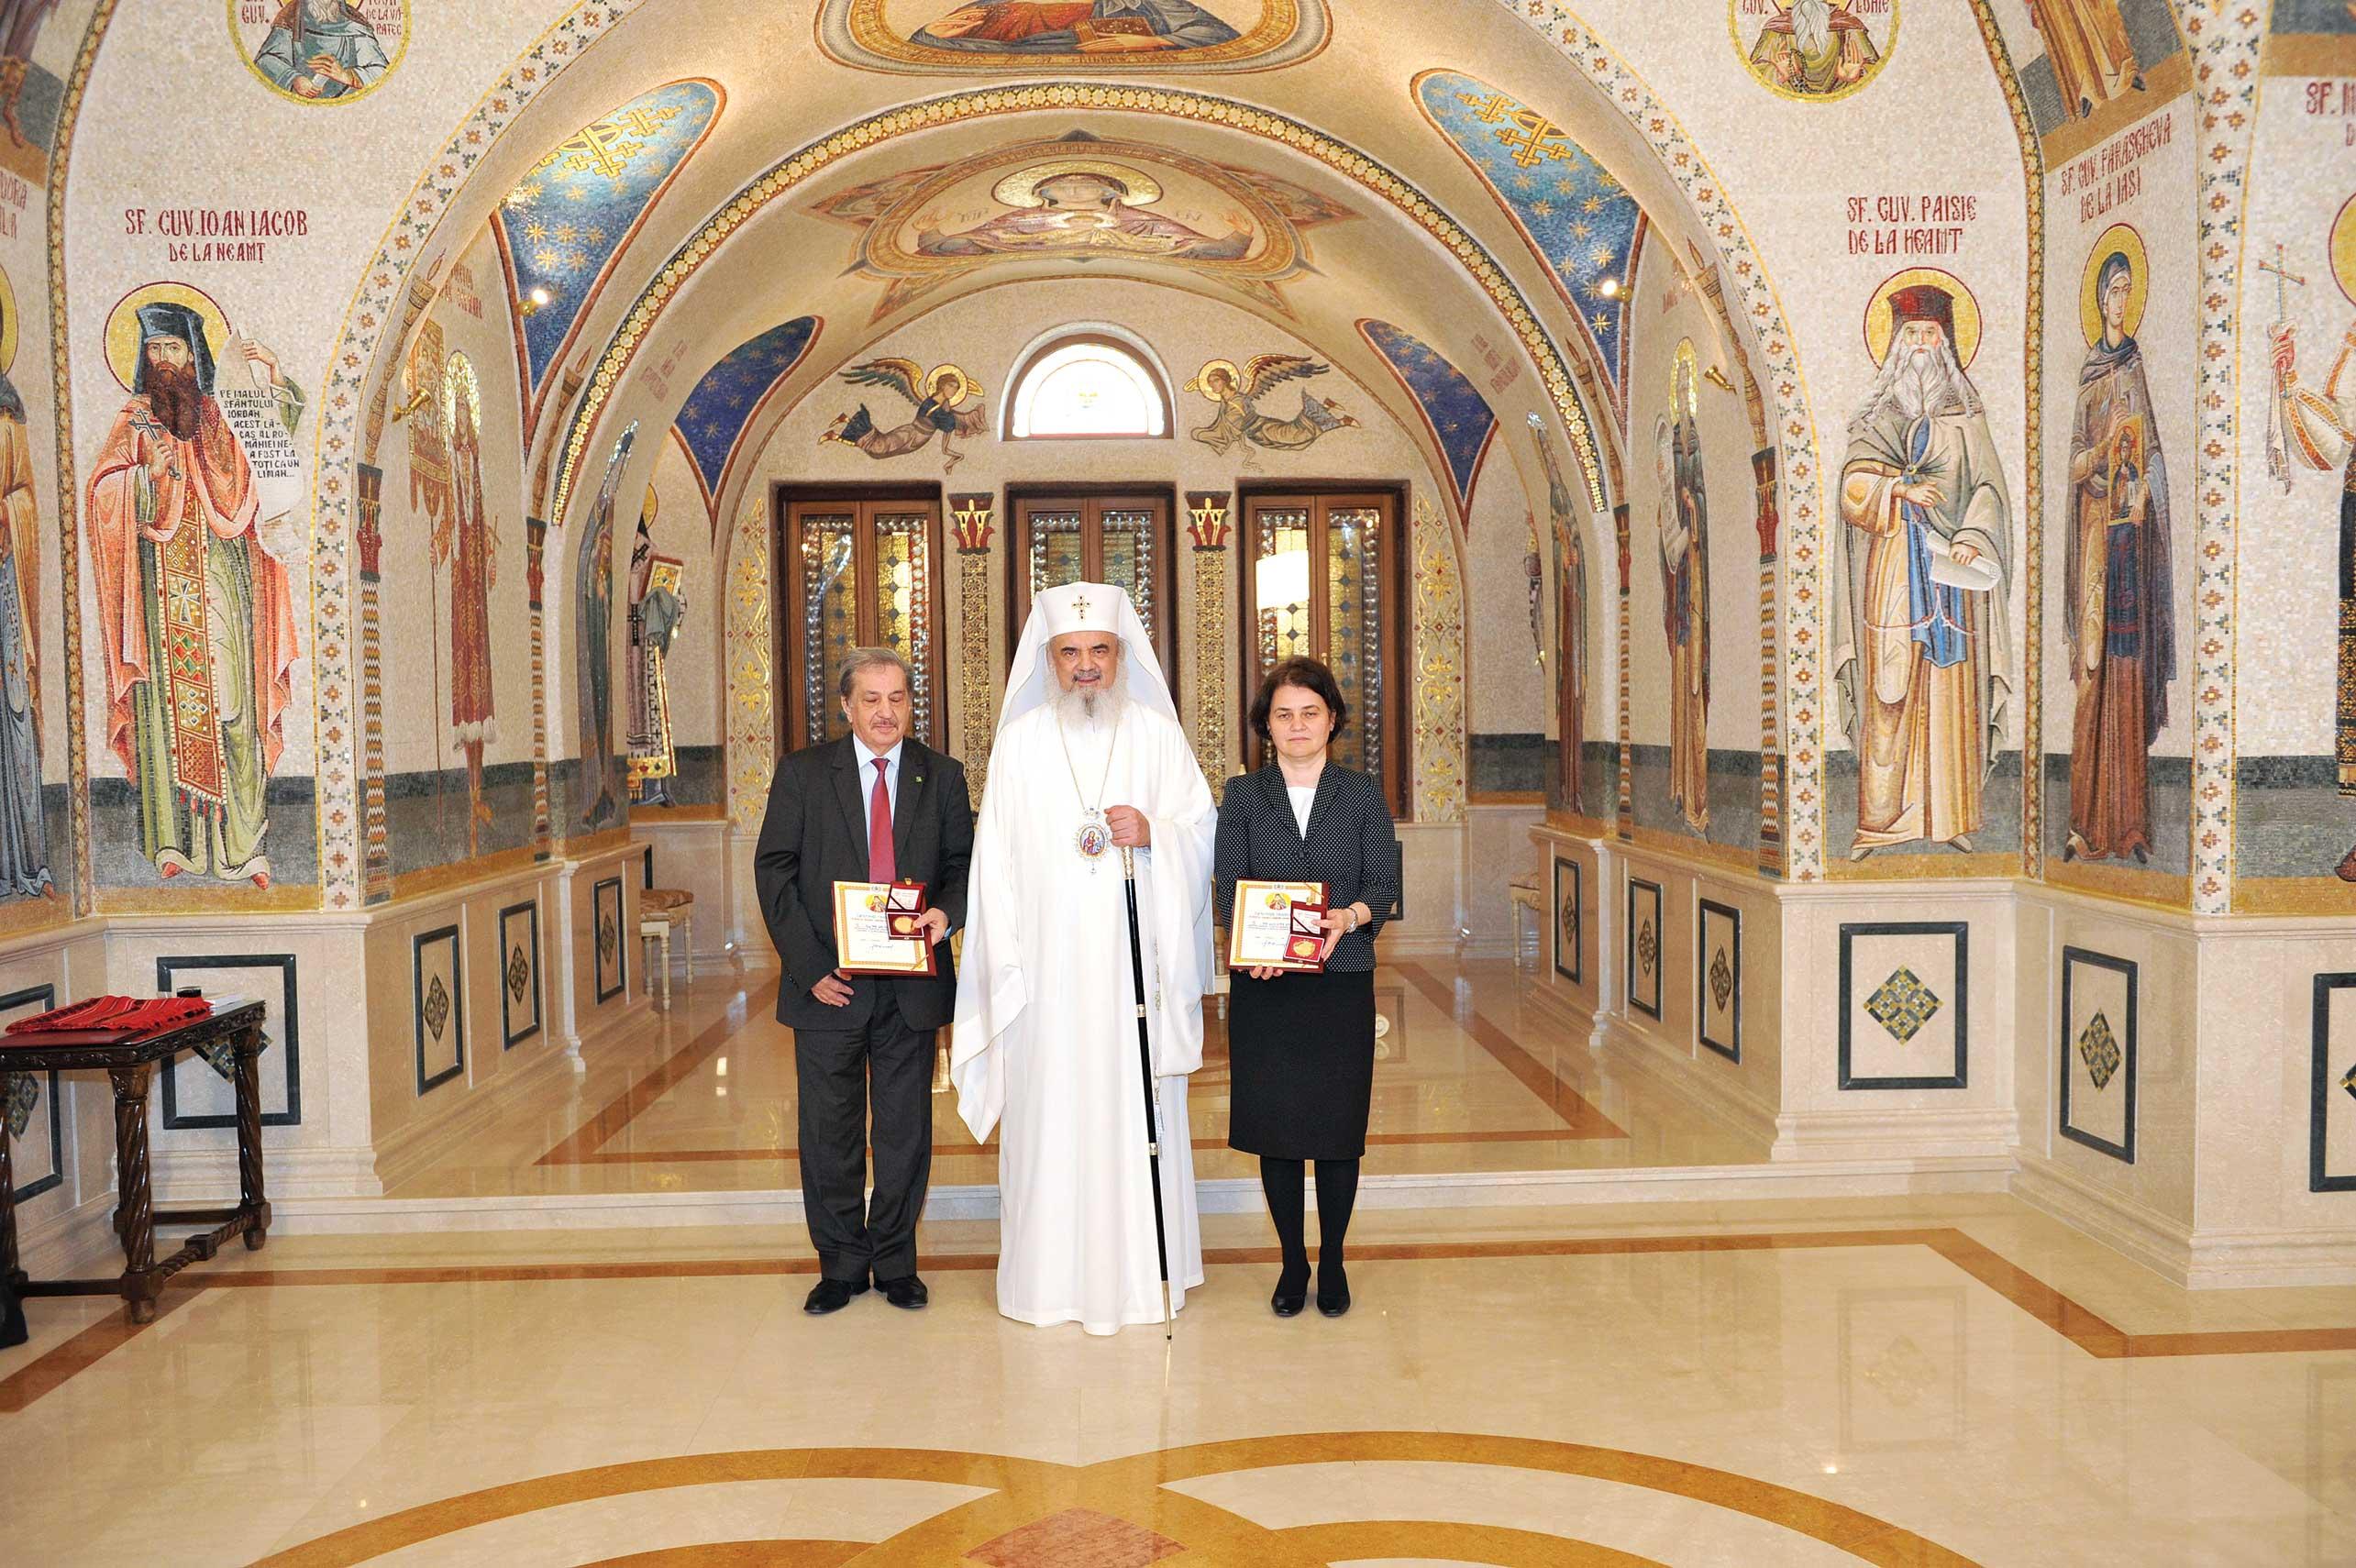 Distincții bisericești oferite de Patriarhul României pentru cooperare în educație